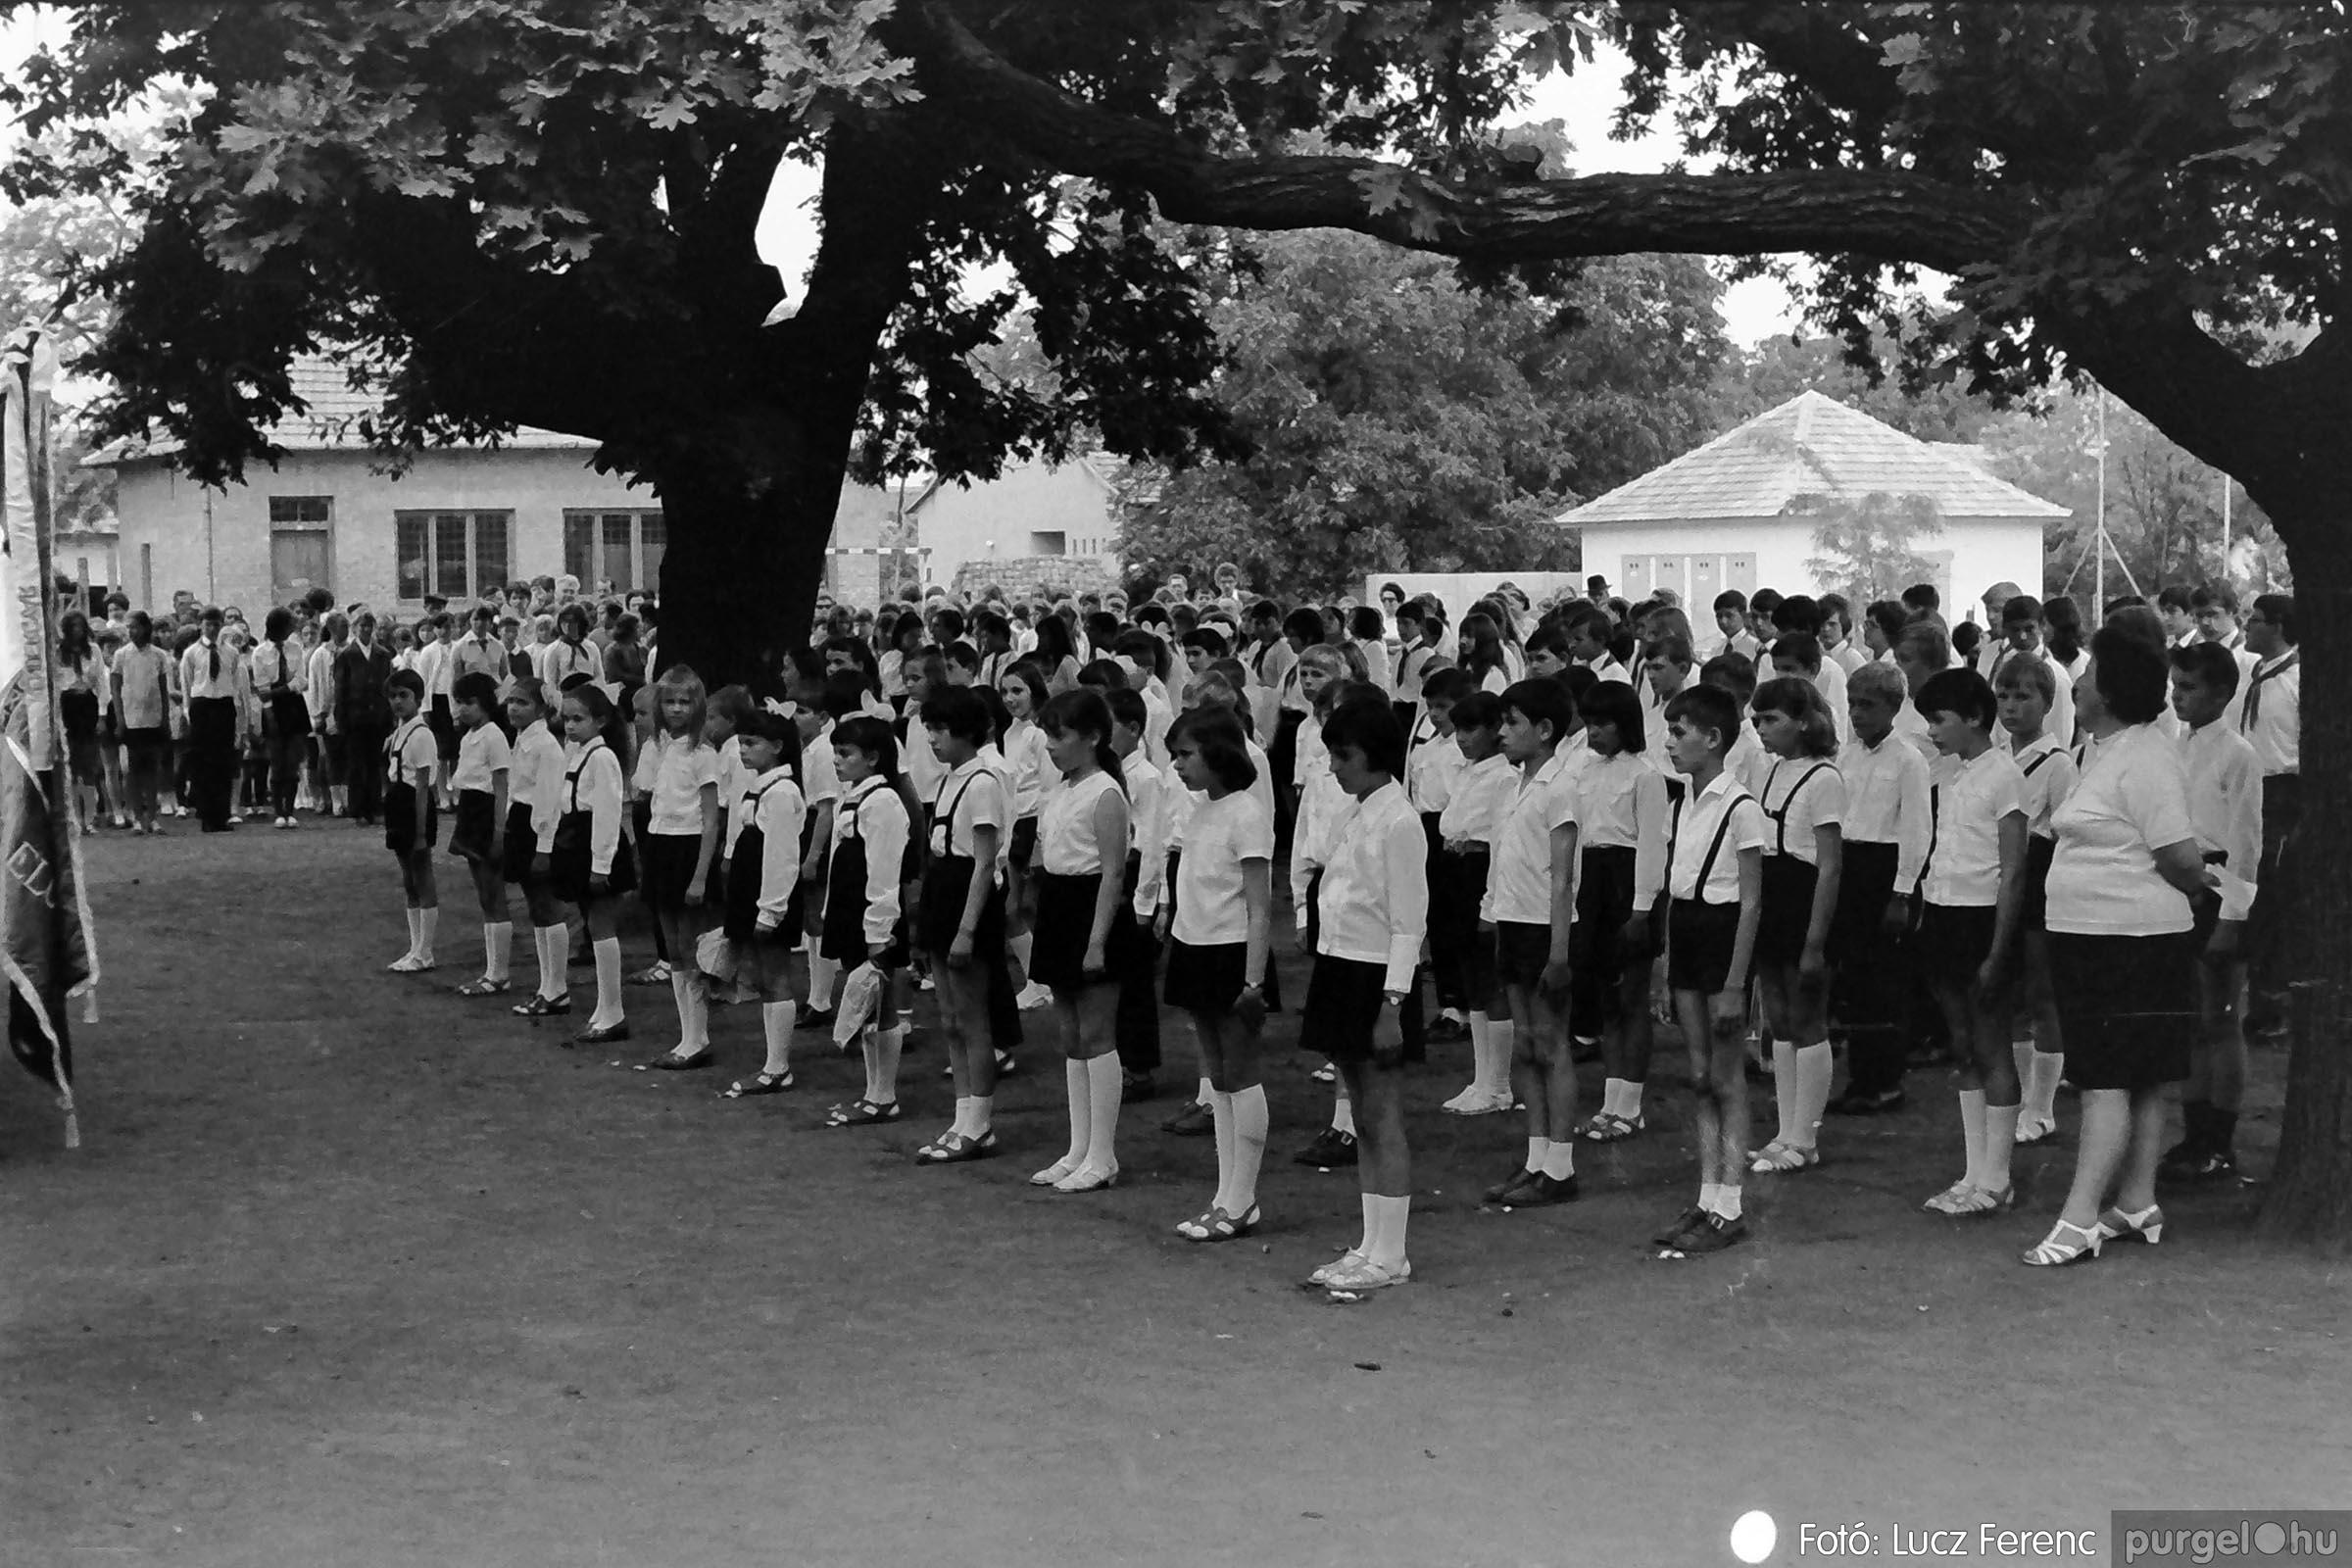 001 1972.05.27. Ballagás a szegvári iskolában 016 - Fotó: Lucz Ferenc - IMG01073q.jpg